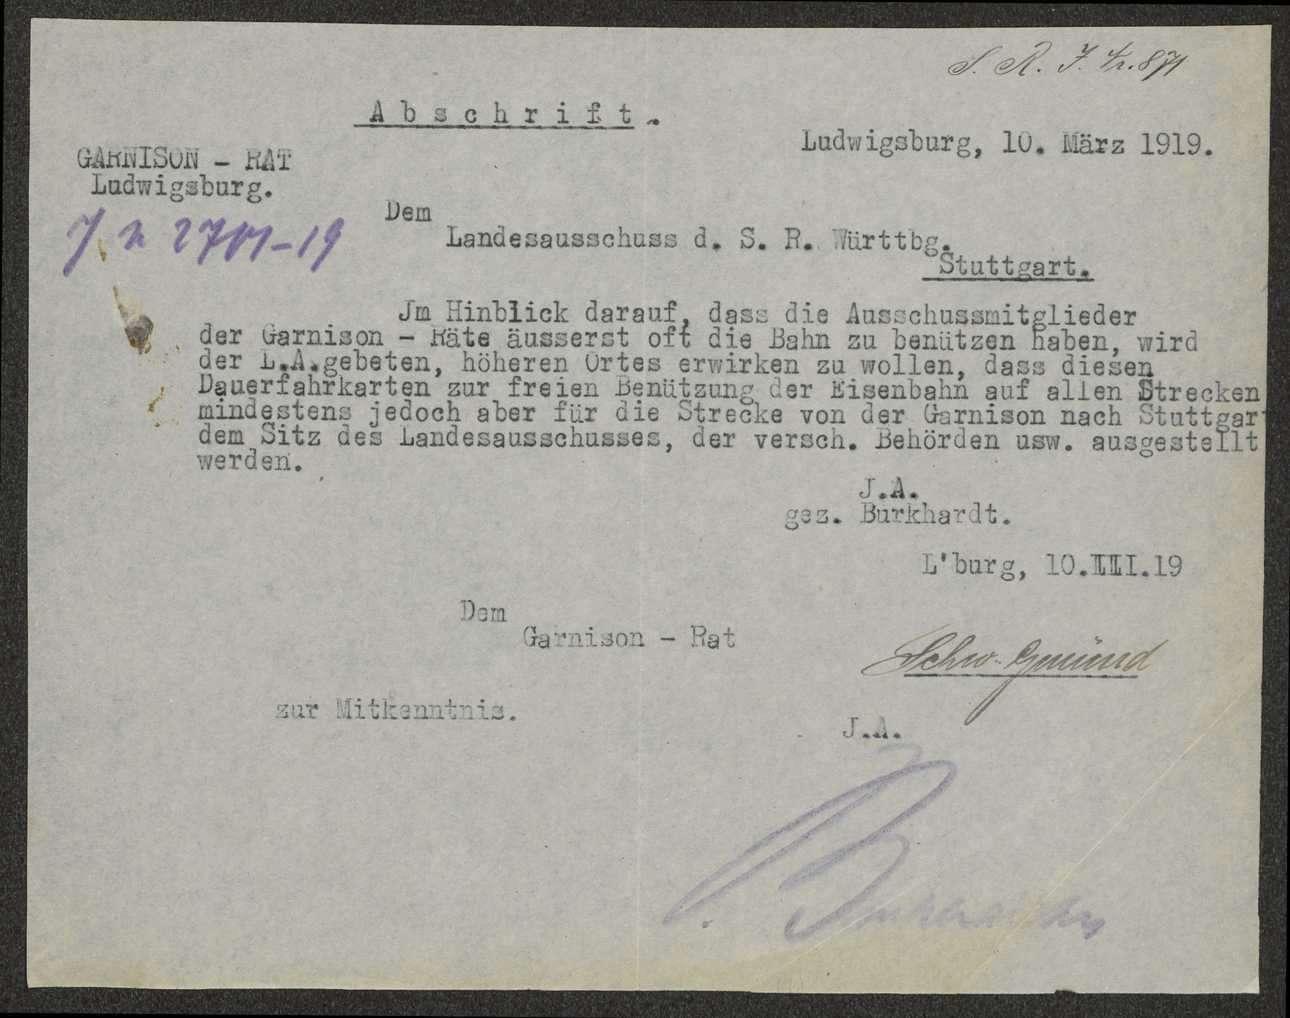 Mitteilung der Bemühungen des Garnisonrats Ludwigsburg über die Gewährung von Militärfahrscheinen für Soldatenratsraitglieder, Bild 2